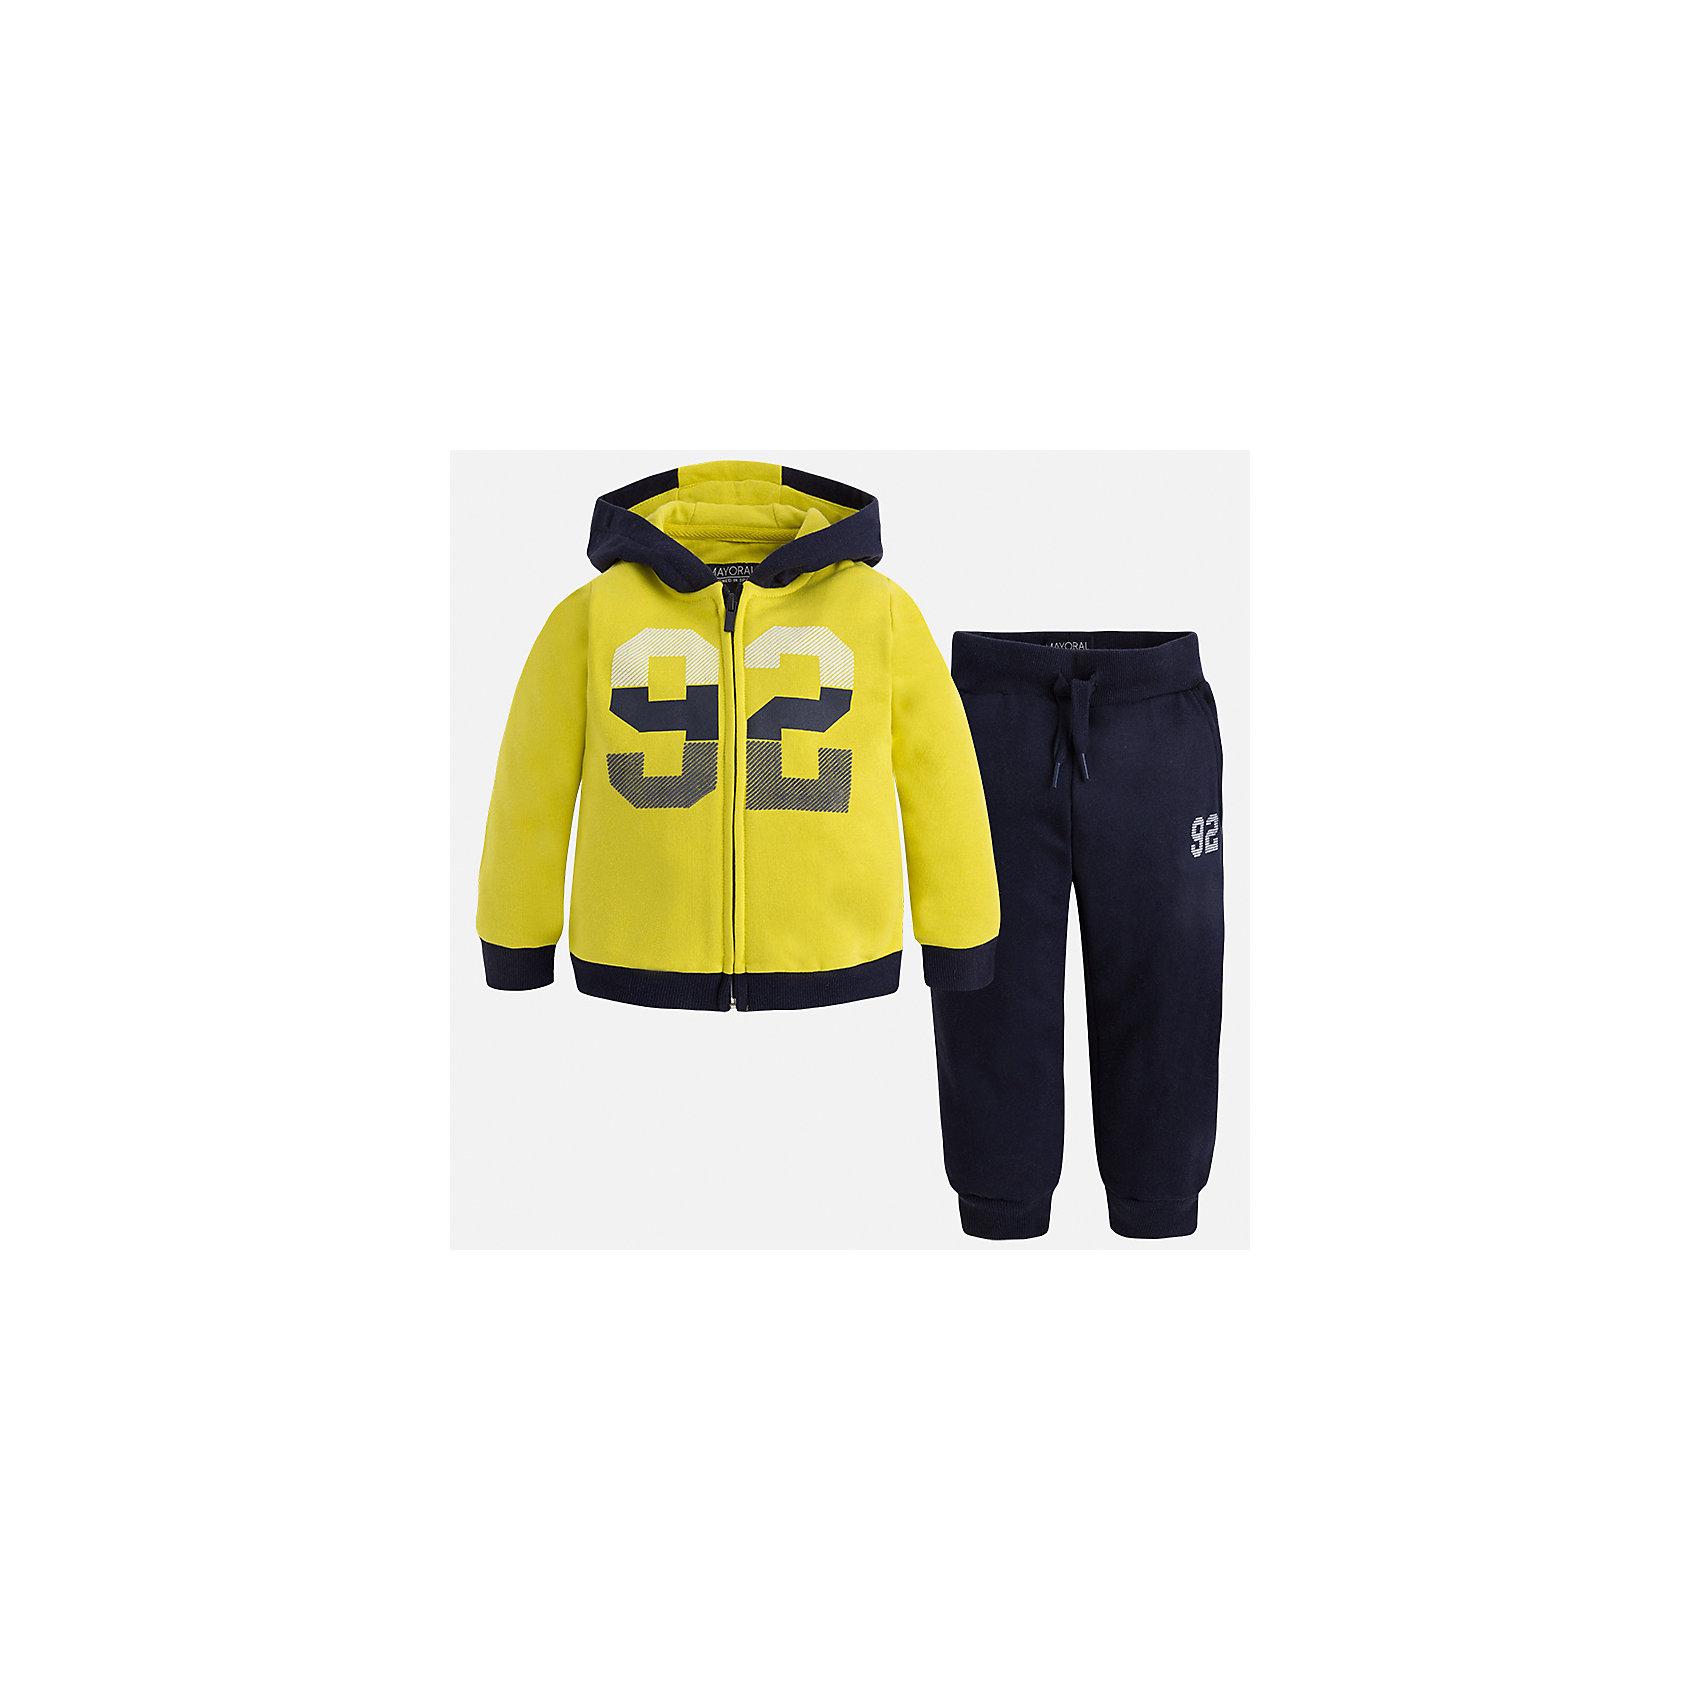 Спортивный костюм для мальчика MayoralКомплекты<br>Характеристики товара:<br><br>• цвет: темно-синий/желтый<br>• состав ткани: 60% хлопок, 40% полиэстер<br>• комплектация: куртка, брюки<br>• сезон: демисезон<br>• особенности модели: спортивный стиль<br>• застежка: молния<br>• длинные рукава<br>• пояс брюк: резинка, шнурок<br>• страна бренда: Испания<br>• страна изготовитель: Индия<br><br>Детский спортивный комплект состоит из курточки и брюк. Спортивный костюм сделан из плотного приятного на ощупь материала. Благодаря продуманному крою детского спортивного костюма создаются комфортные условия для тела. Спортивный комплект для мальчика отличается стильный продуманным дизайном.<br><br>Спортивный костюм для мальчика Mayoral (Майорал) можно купить в нашем интернет-магазине.<br><br>Ширина мм: 247<br>Глубина мм: 16<br>Высота мм: 140<br>Вес г: 225<br>Цвет: темно-синий<br>Возраст от месяцев: 18<br>Возраст до месяцев: 24<br>Пол: Мужской<br>Возраст: Детский<br>Размер: 92,134,128,122,116,110,104,98<br>SKU: 6933079